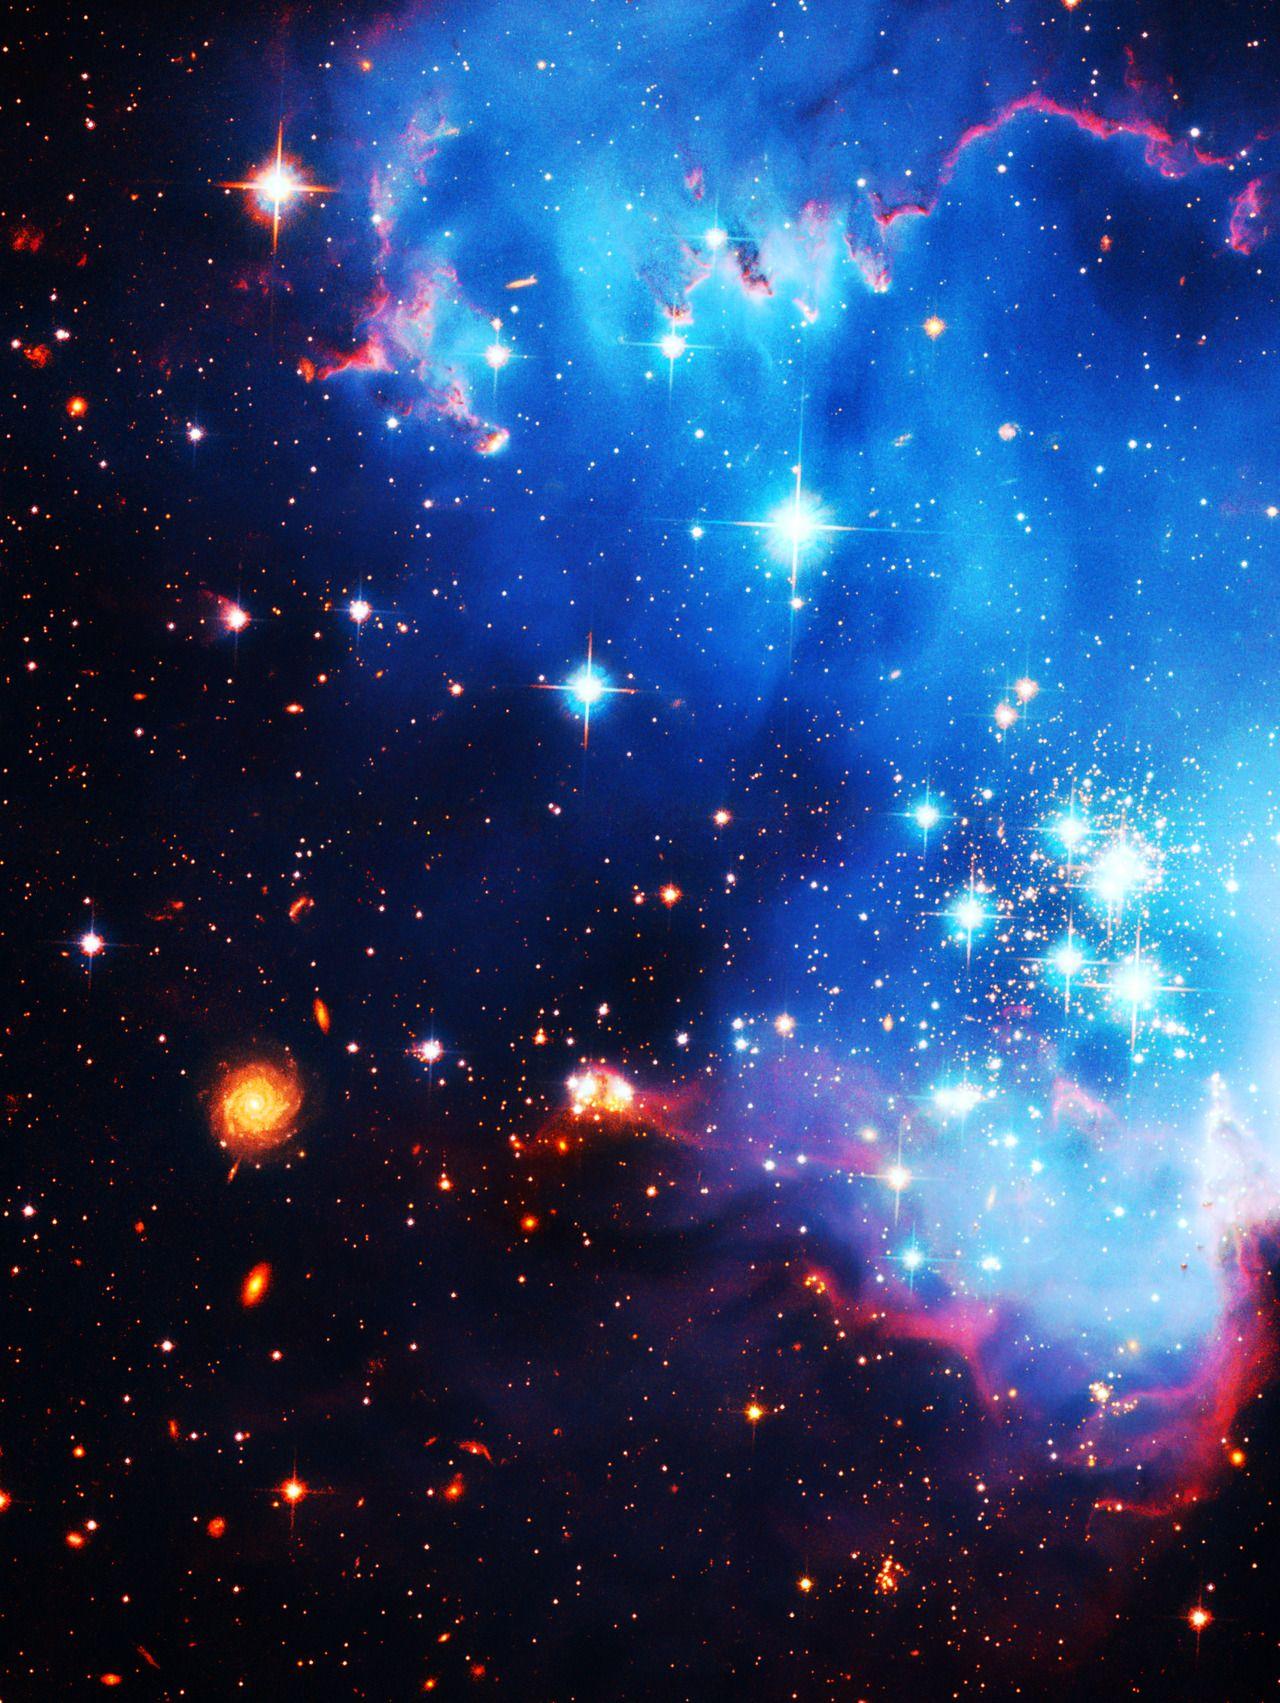 картинки космос звезды галактика фотографий